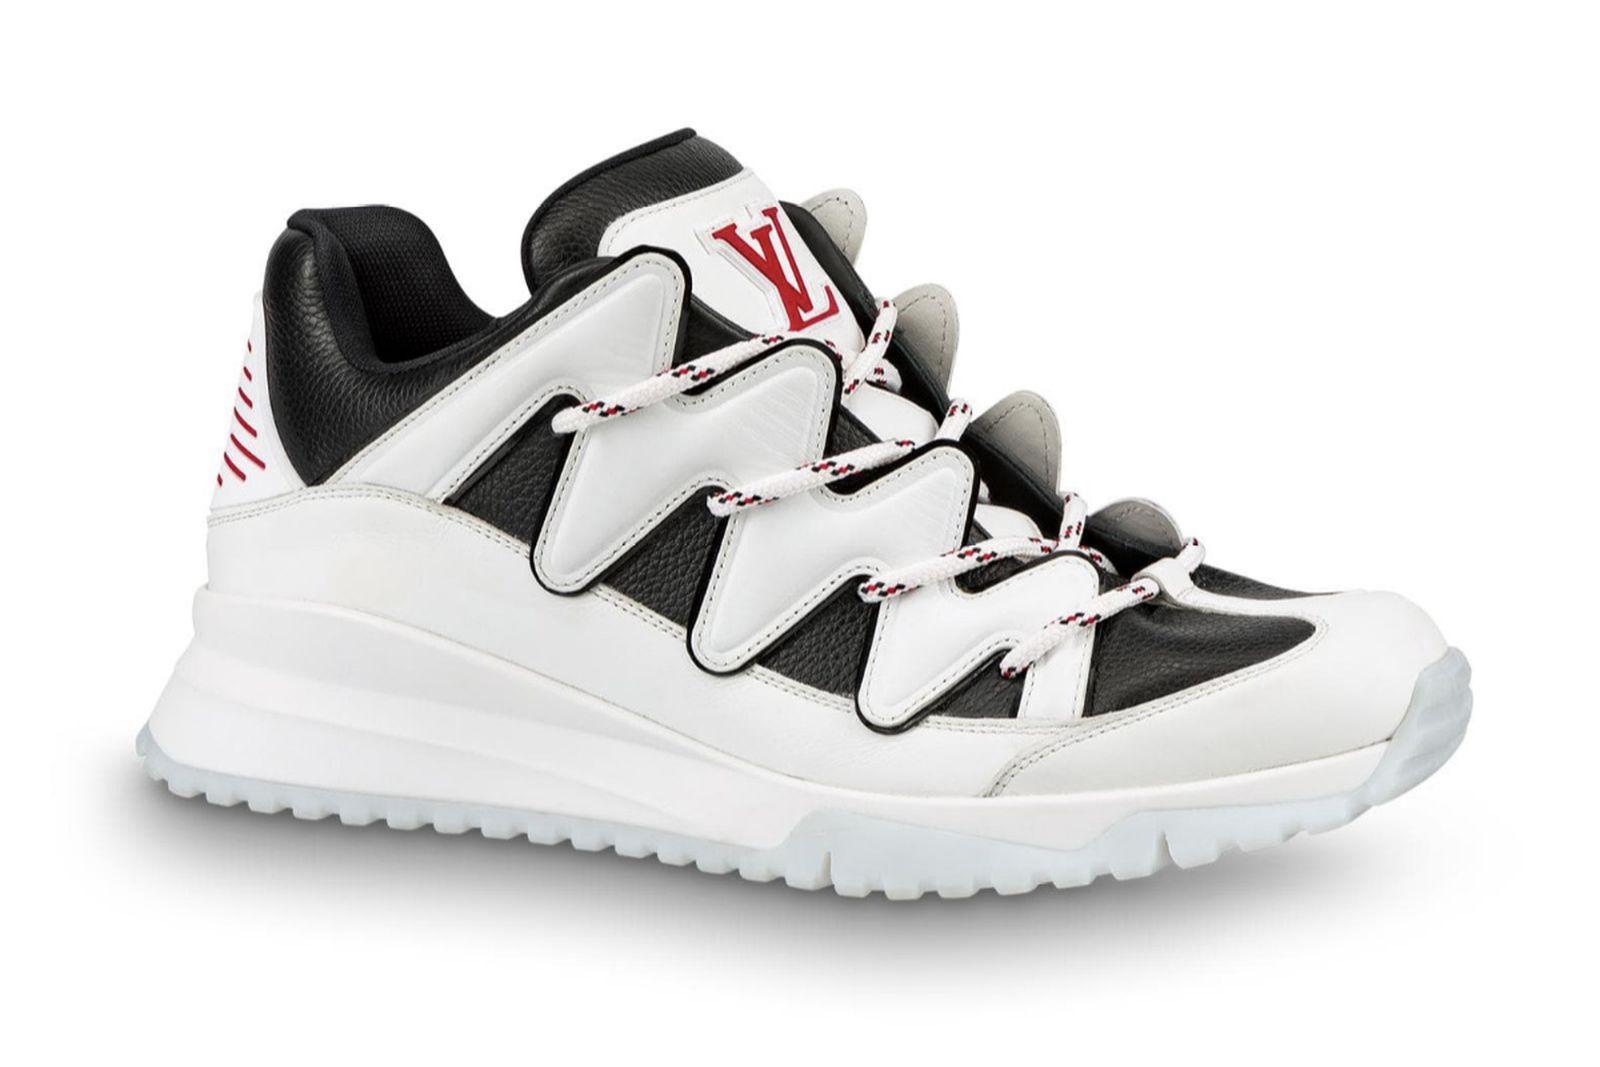 skate shoes revival Louis Vuitton dc shoes etnies